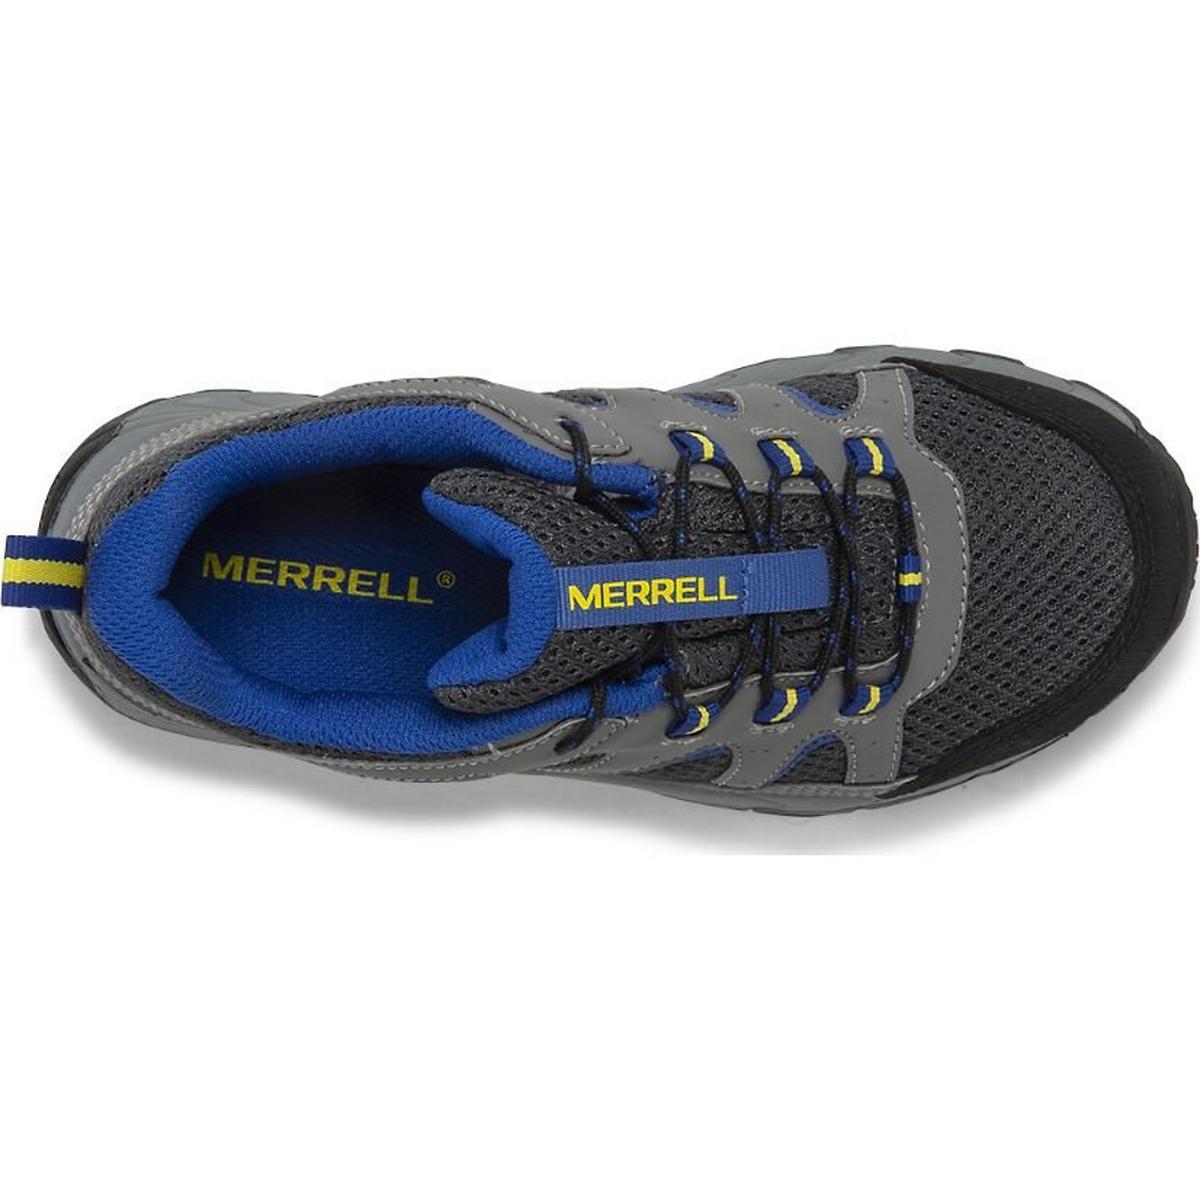 Merrell Kid's Oakcreek Low Lace Waterproof Shoe - Charcoal